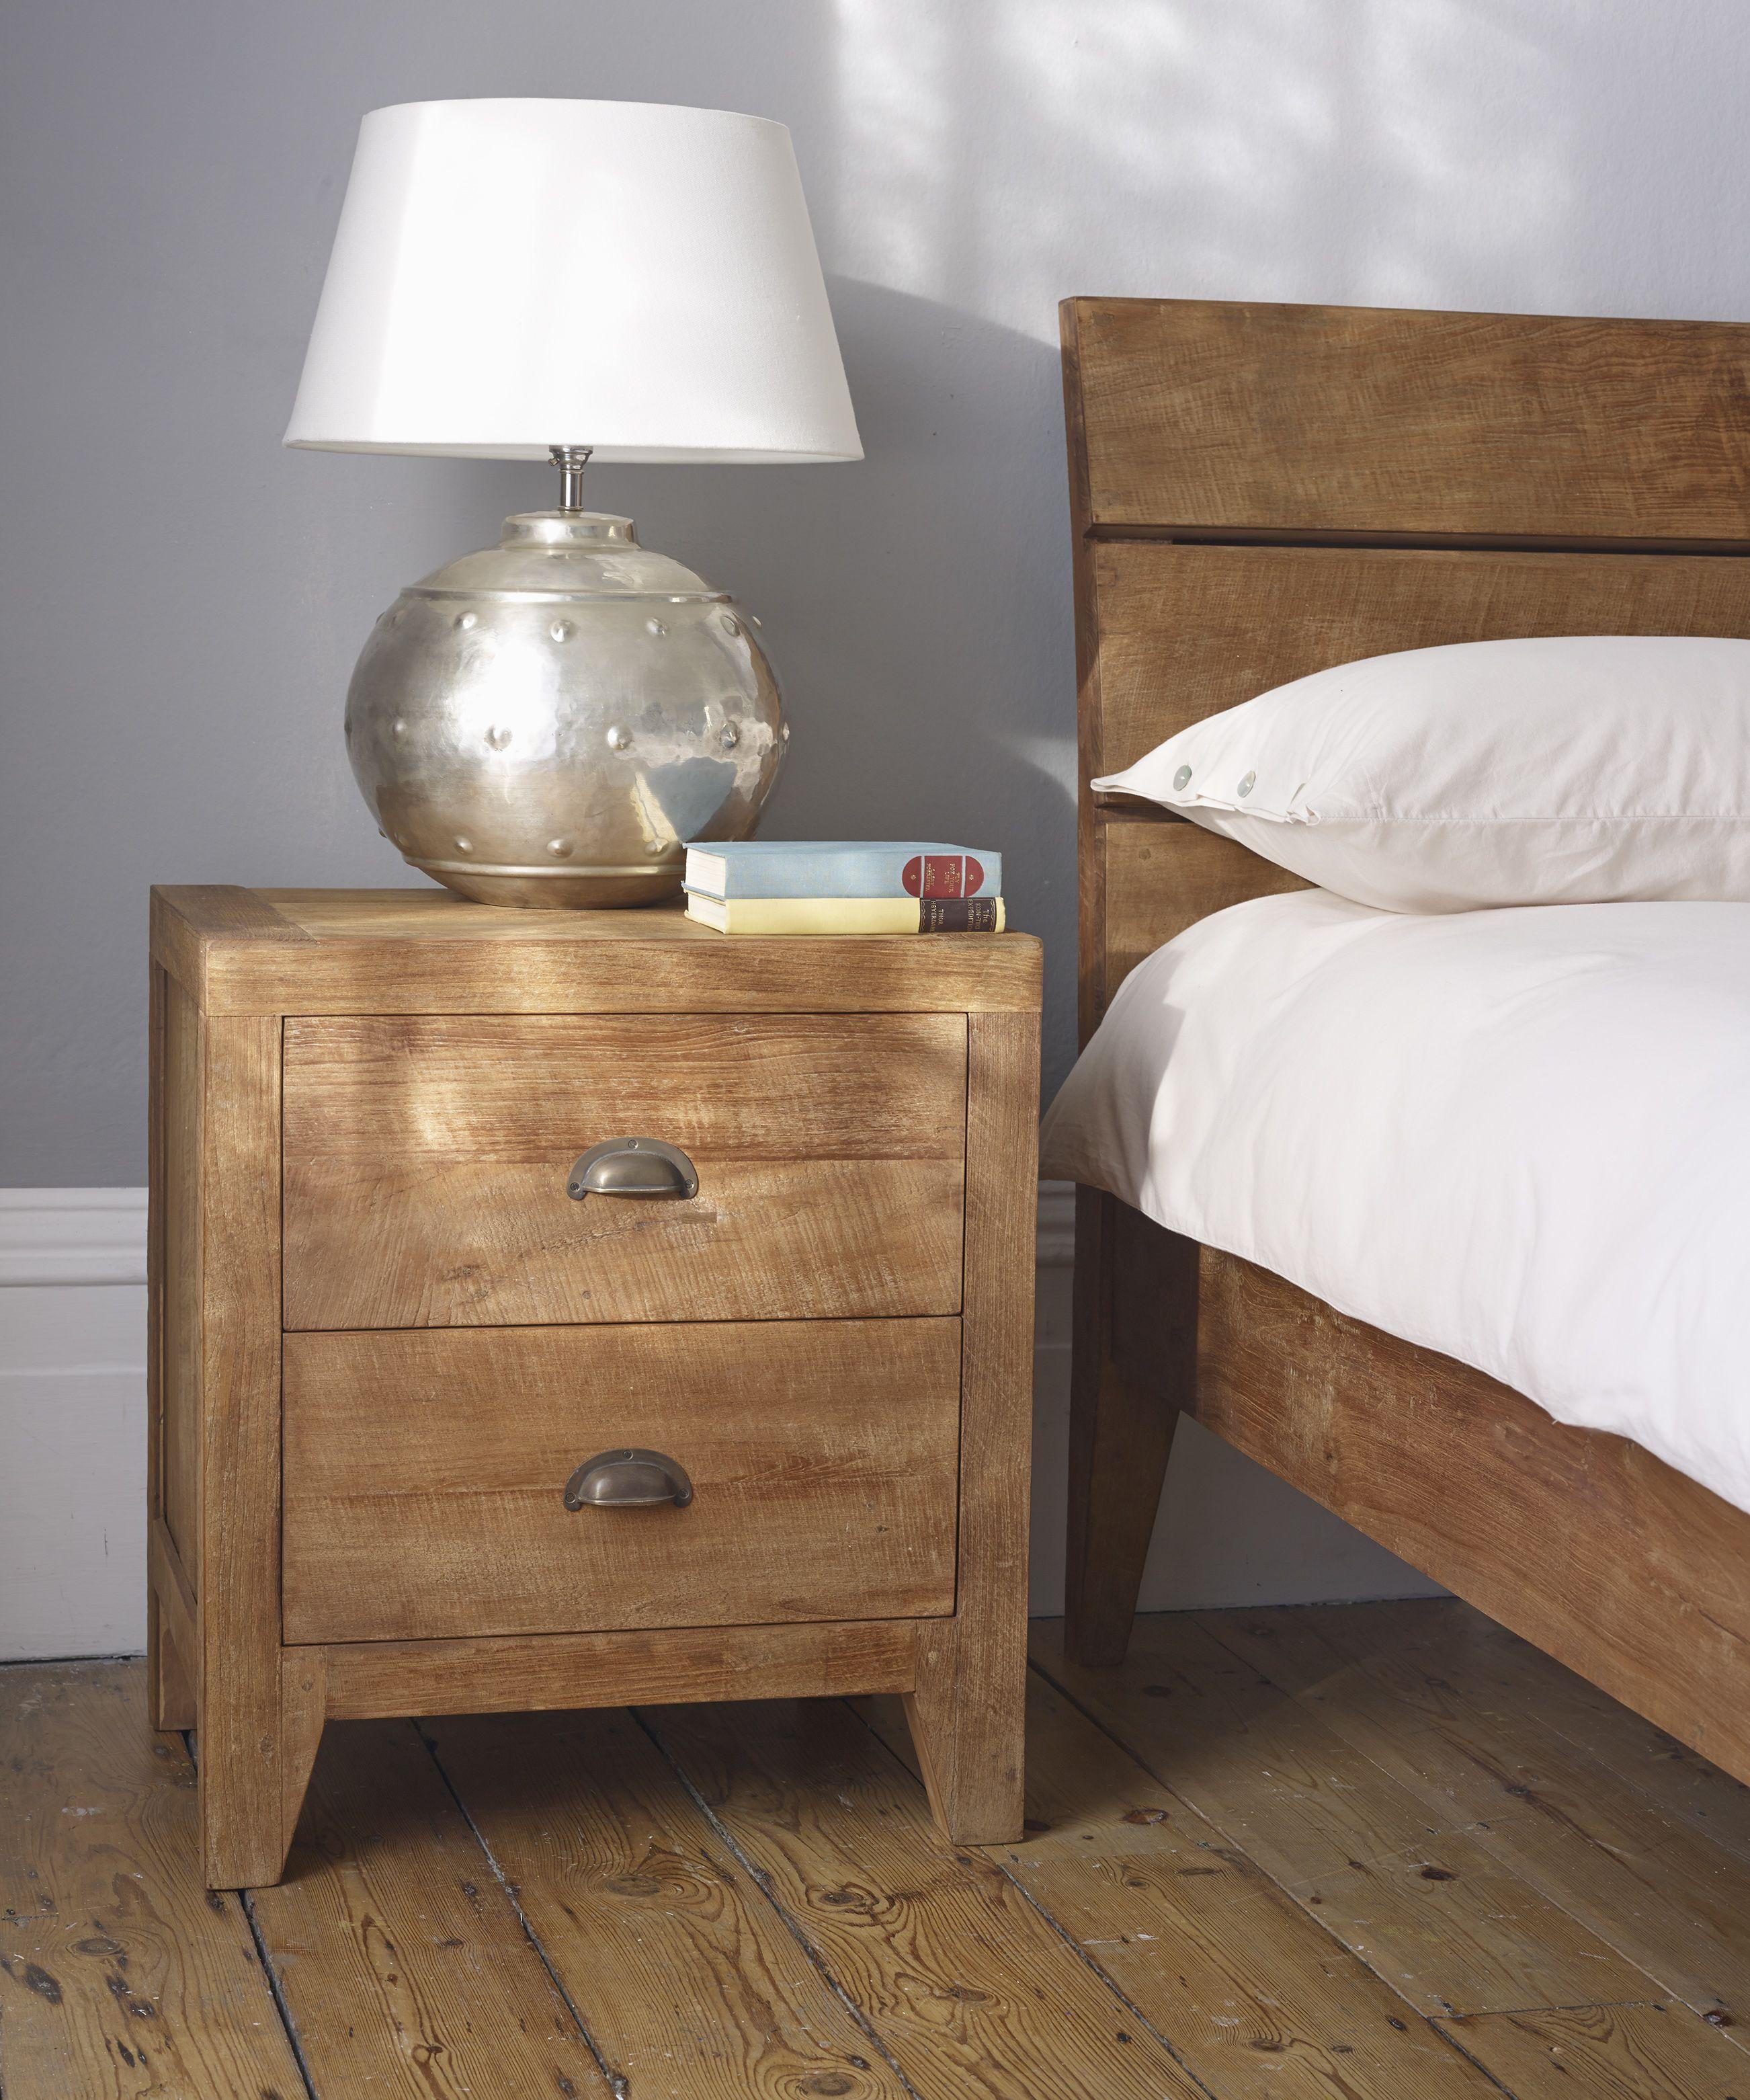 Sumatra Large Bedside Table Hand Crafted Vintage Handles Light Teak Bedroom Furniture From Lombok